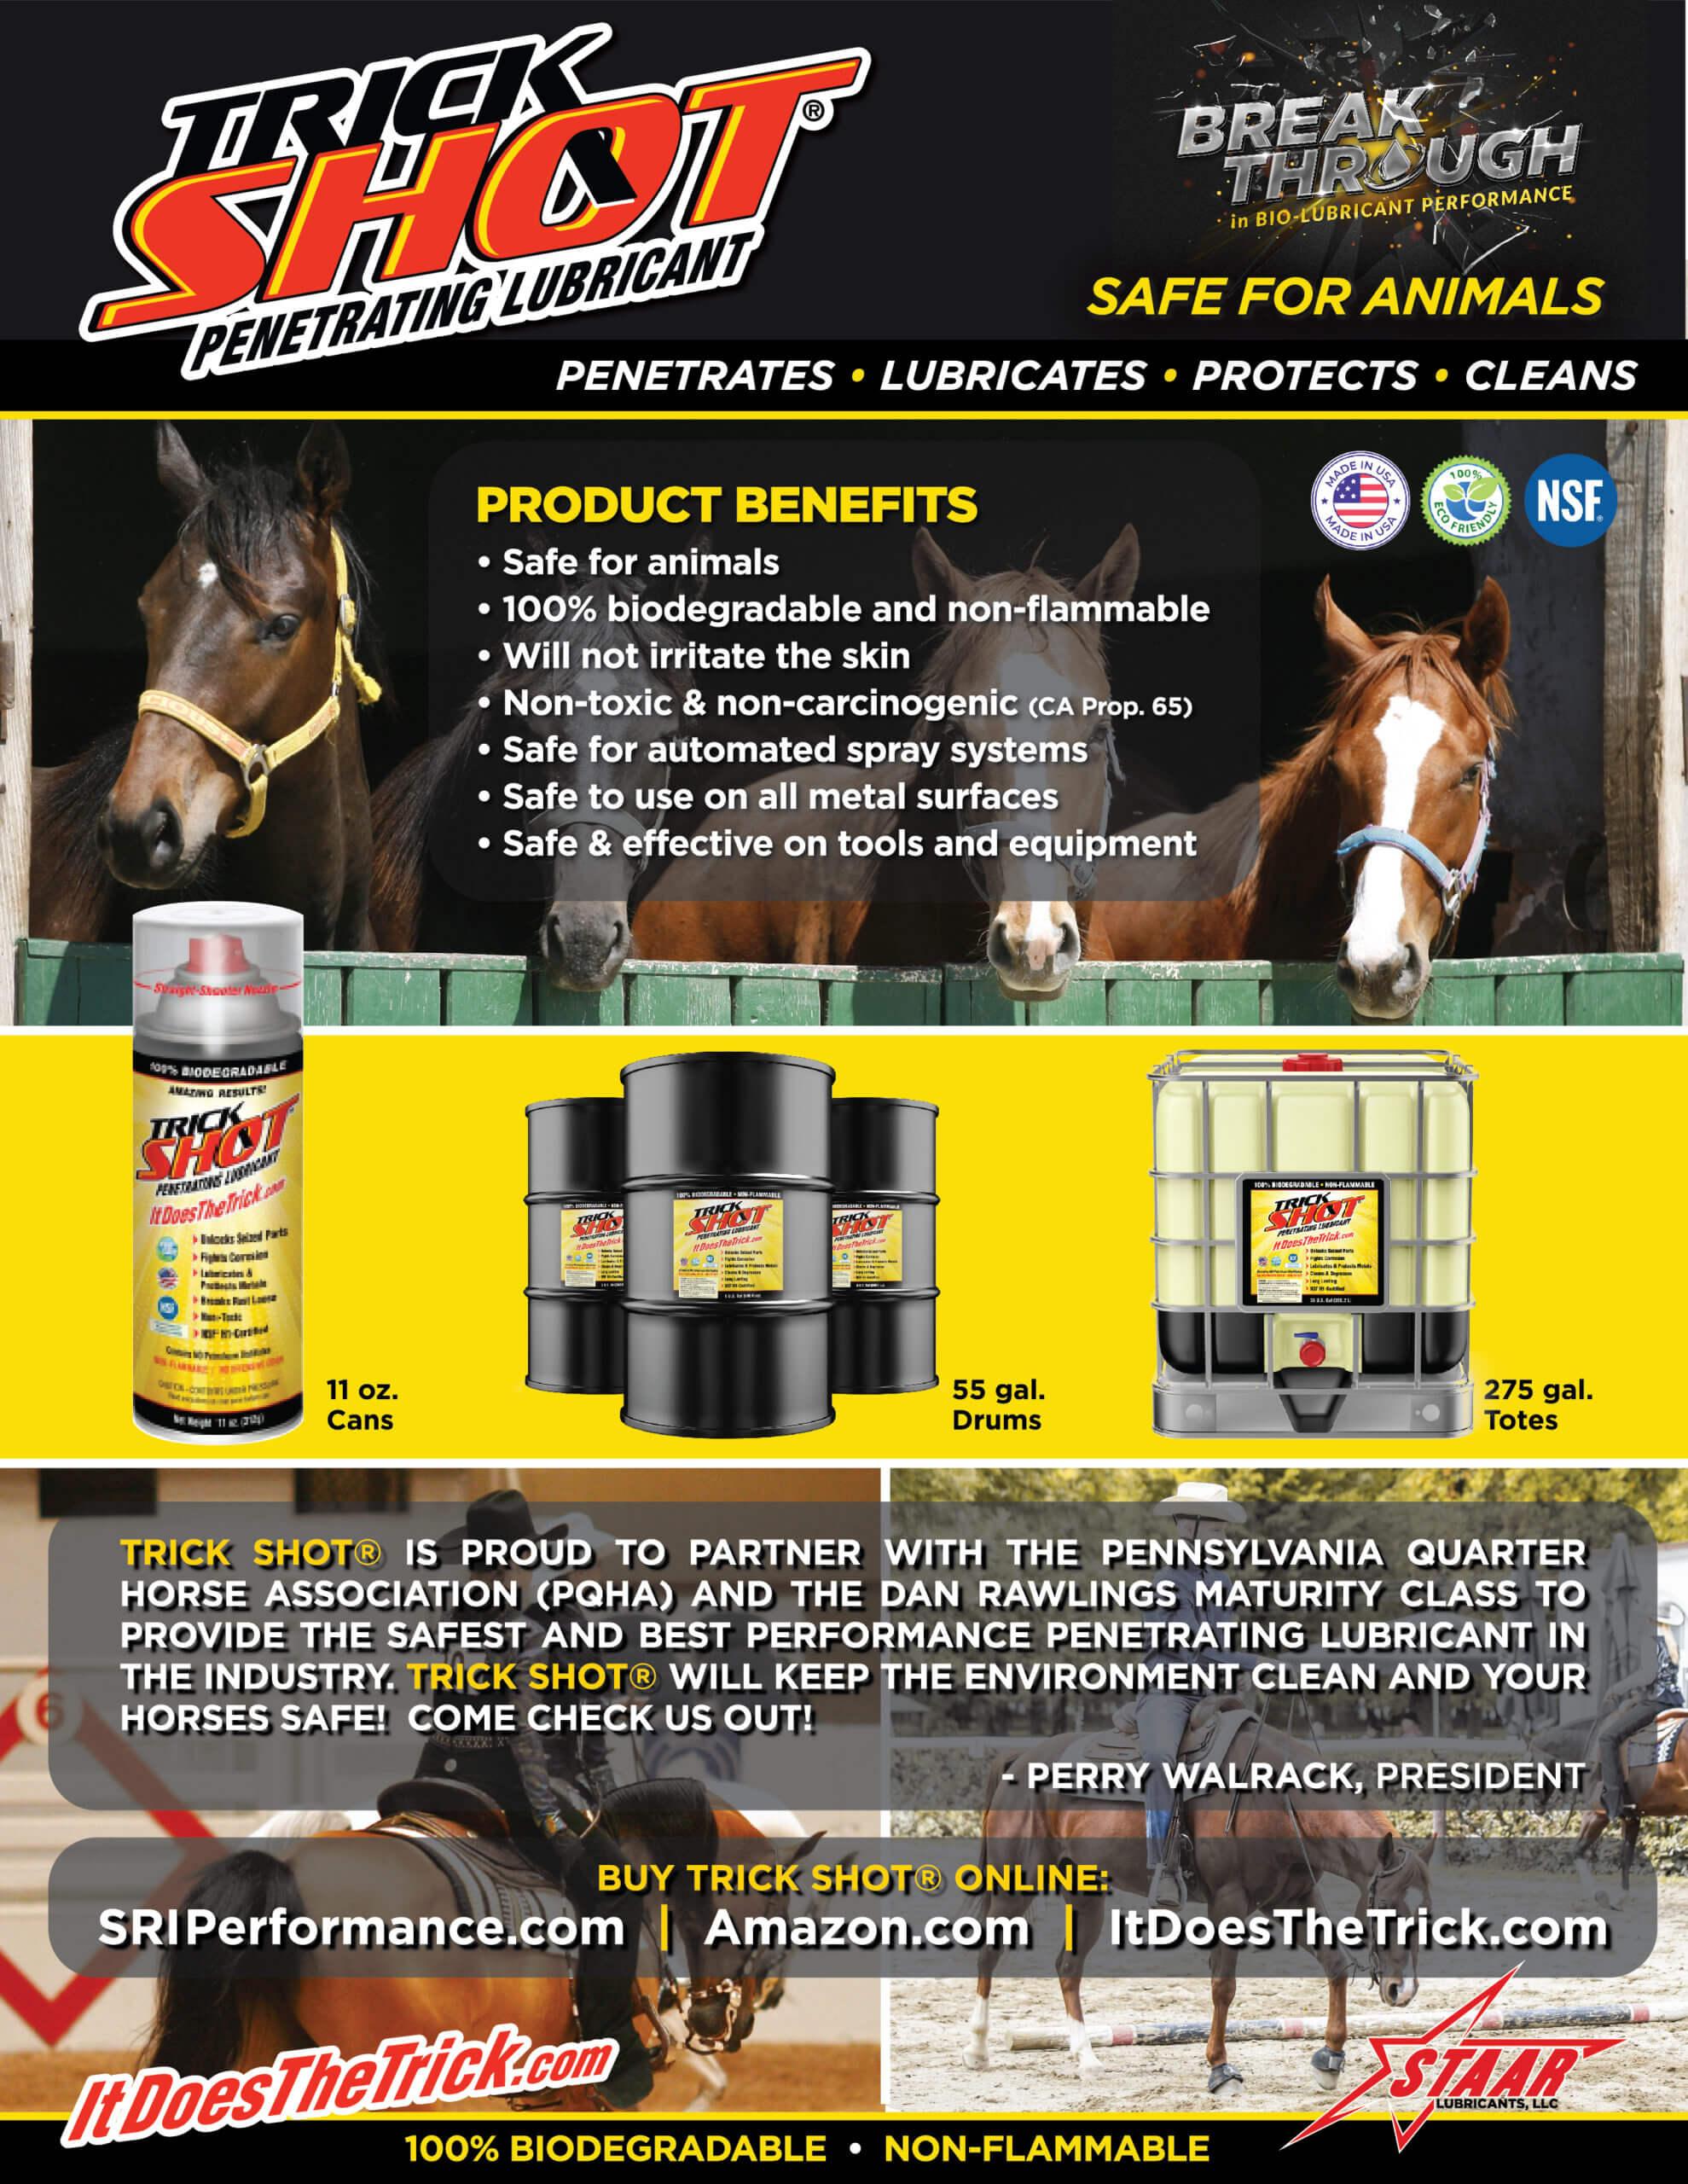 TrickShot Safe For Animals